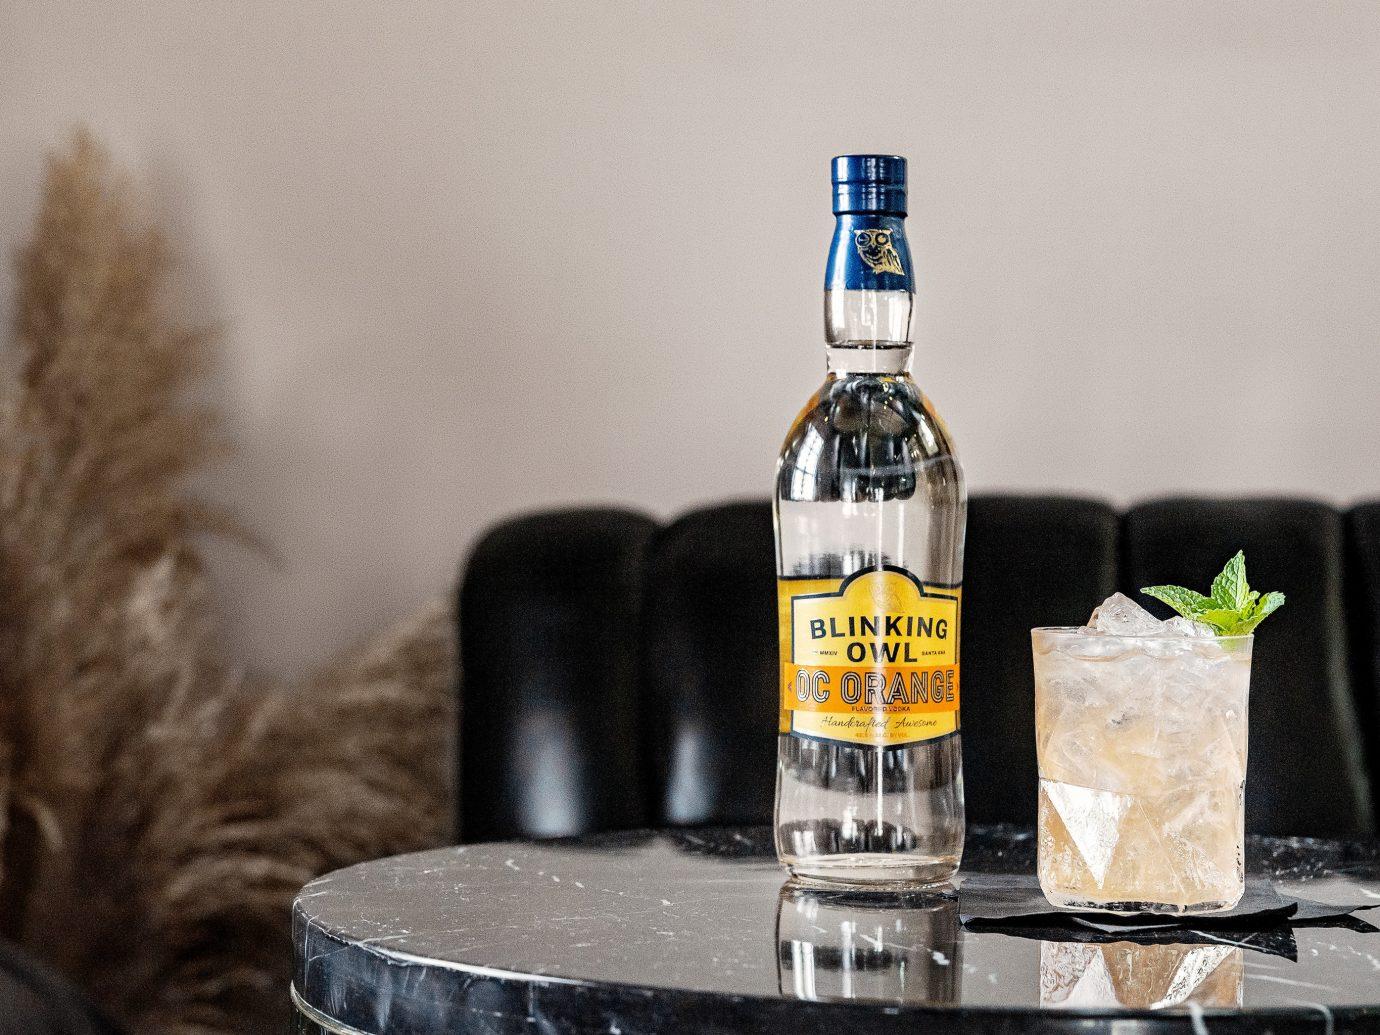 Food + Drink distilled beverage Drink indoor alcoholic beverage liqueur alcohol bottle beer whisky